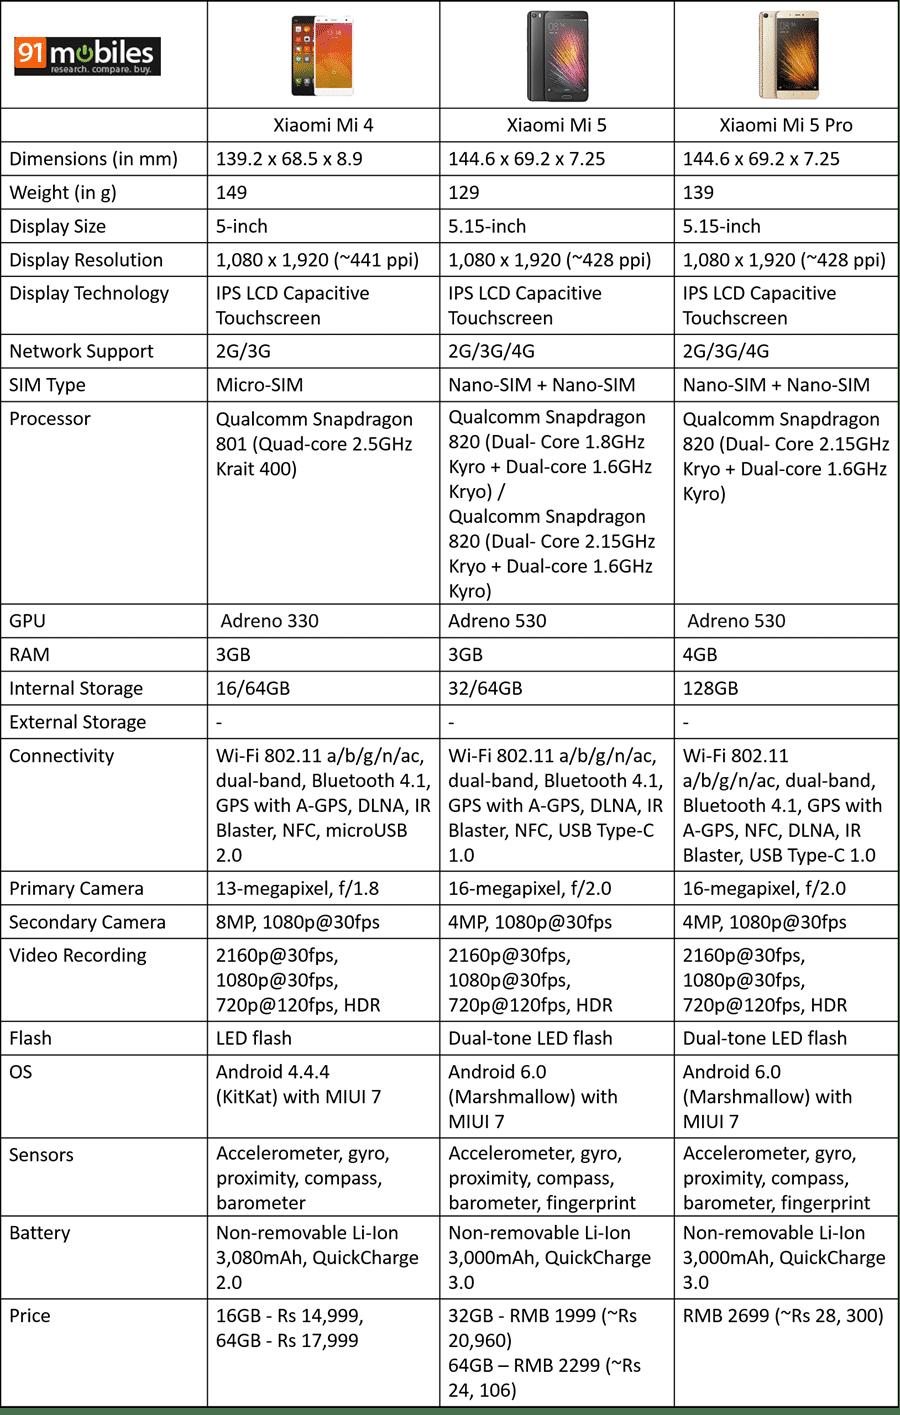 Xiaomi Mi 4 vs Mi 5 vs Mi 5 Pro